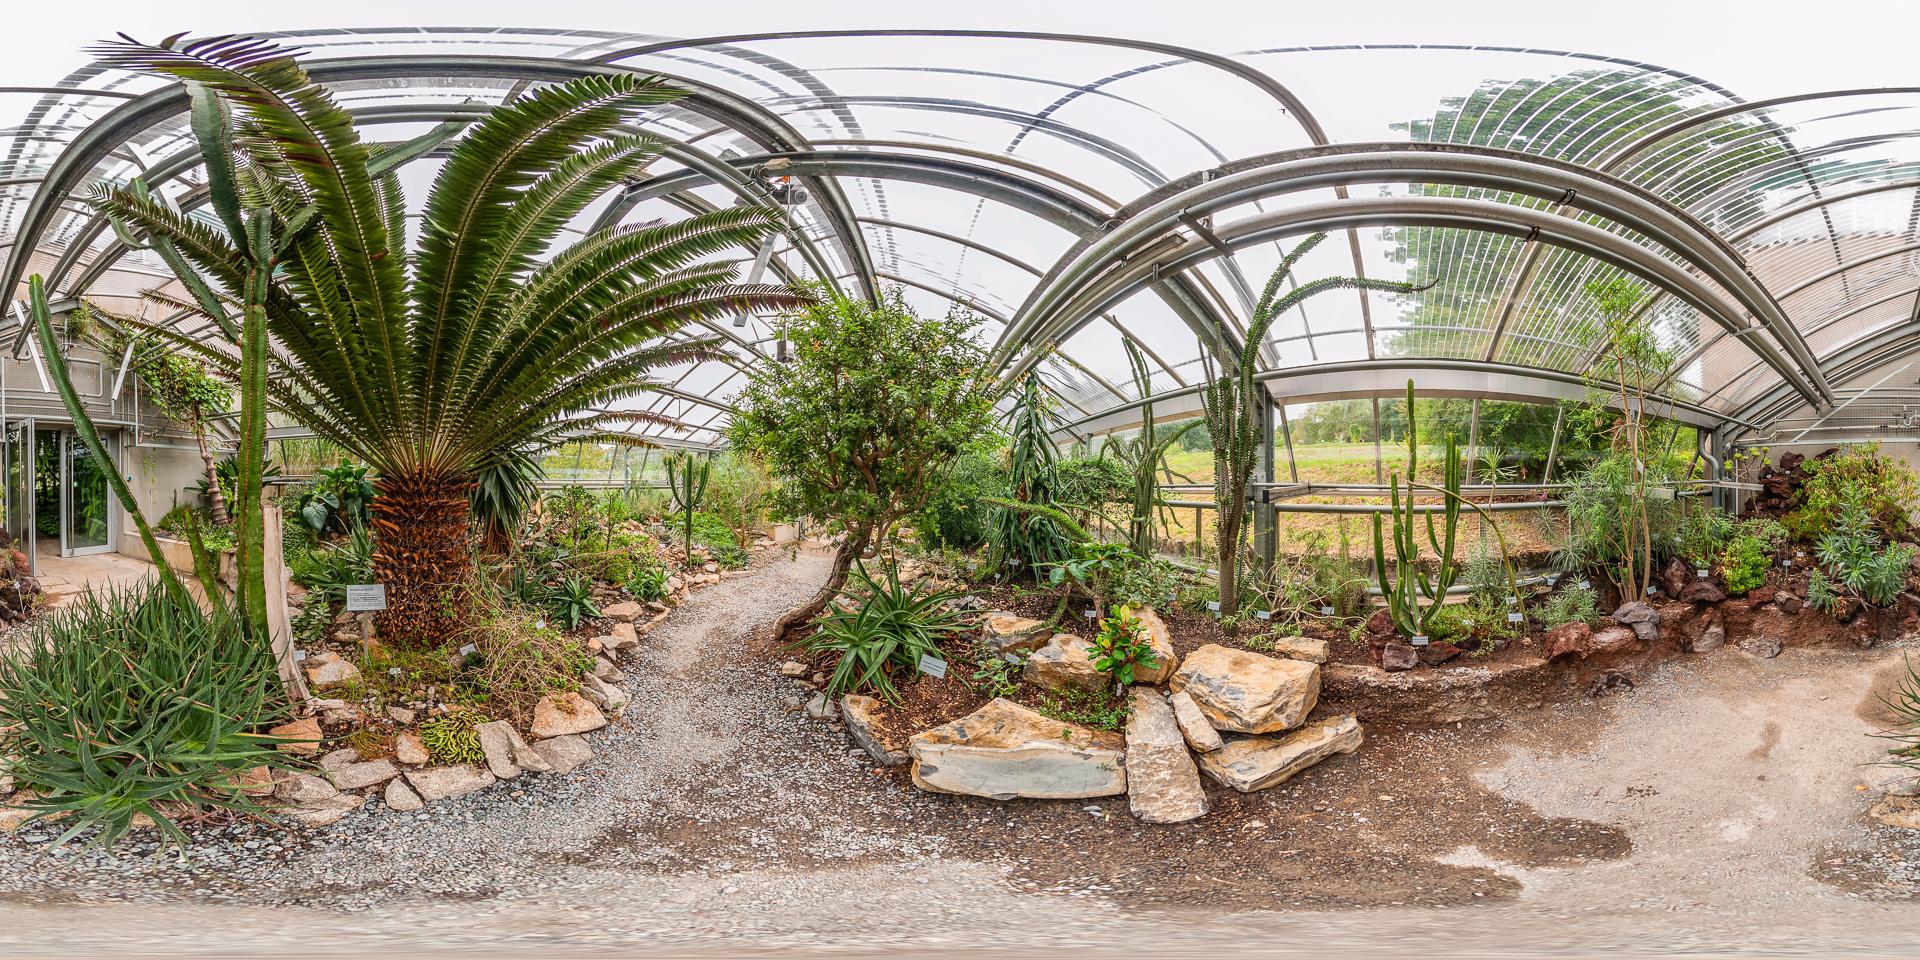 Sukkulentenhaus - Afrika und Madagarskar am botanischen Garten Würzburg